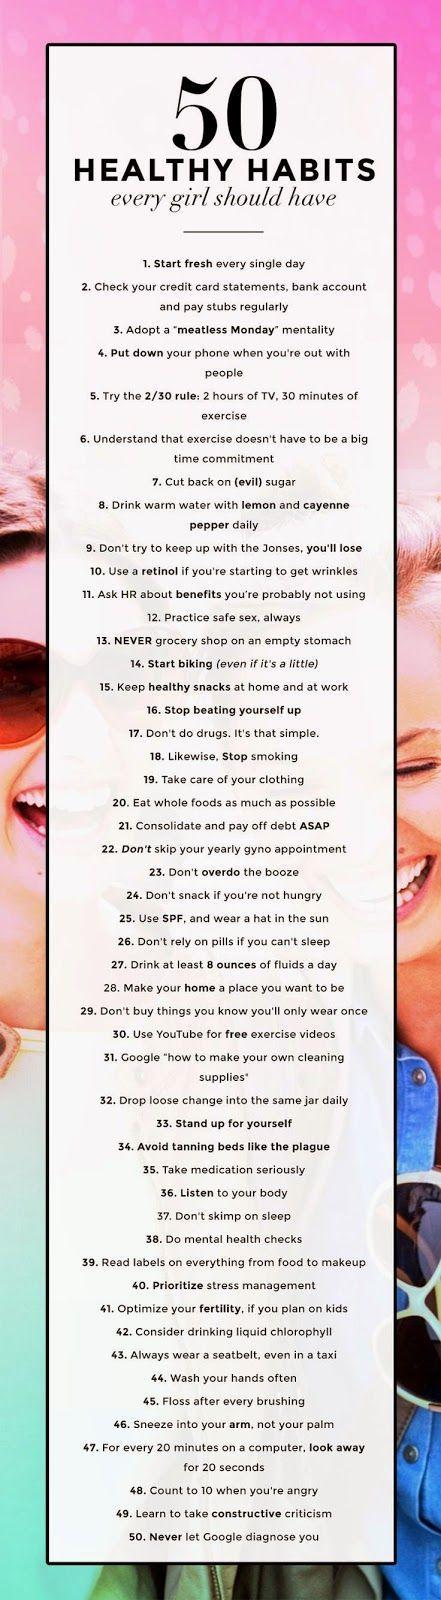 50 healthy habits.